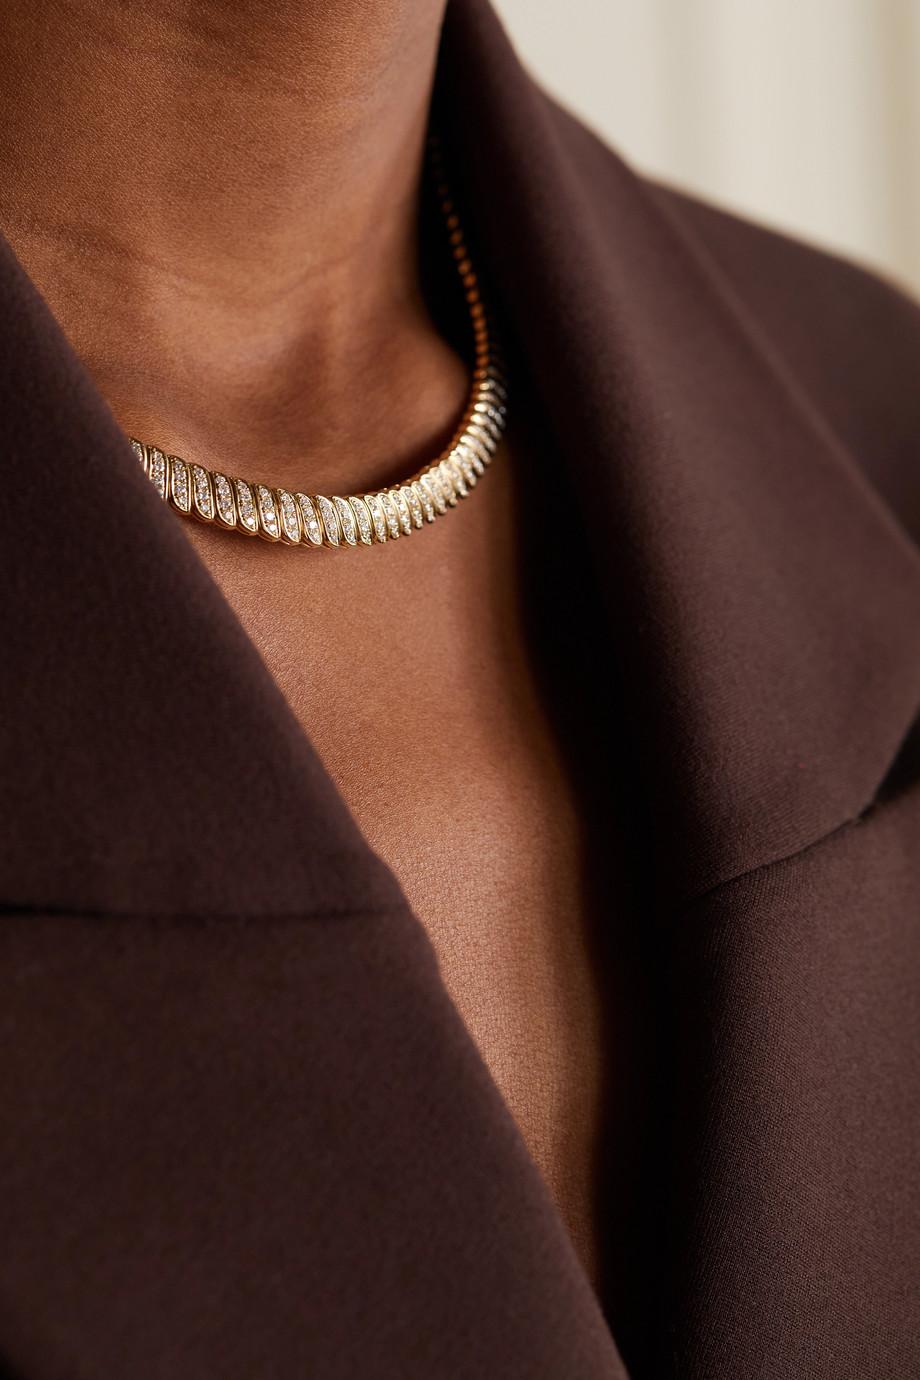 Anita Ko Tour de cou en or 18 carats (750/1000) et diamants Zoe